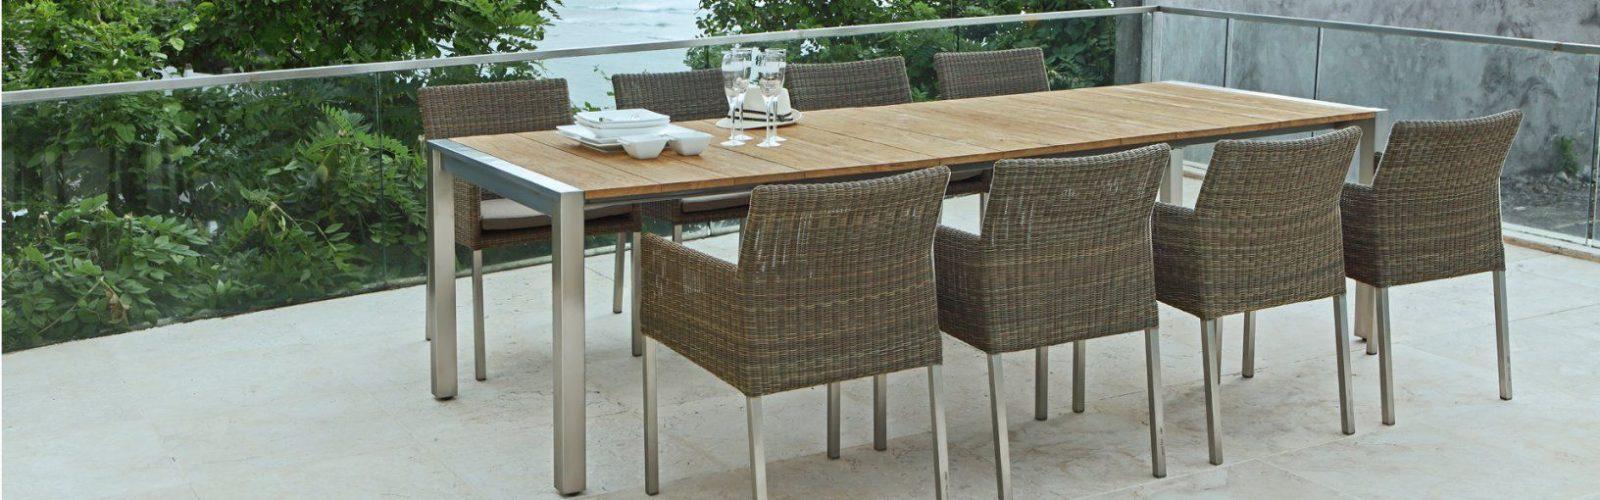 Gartentisch Aluminium Holz Perfect Gartentisch Ausziehbar Oval von Alu Gartentisch Mit Holzplatte Photo